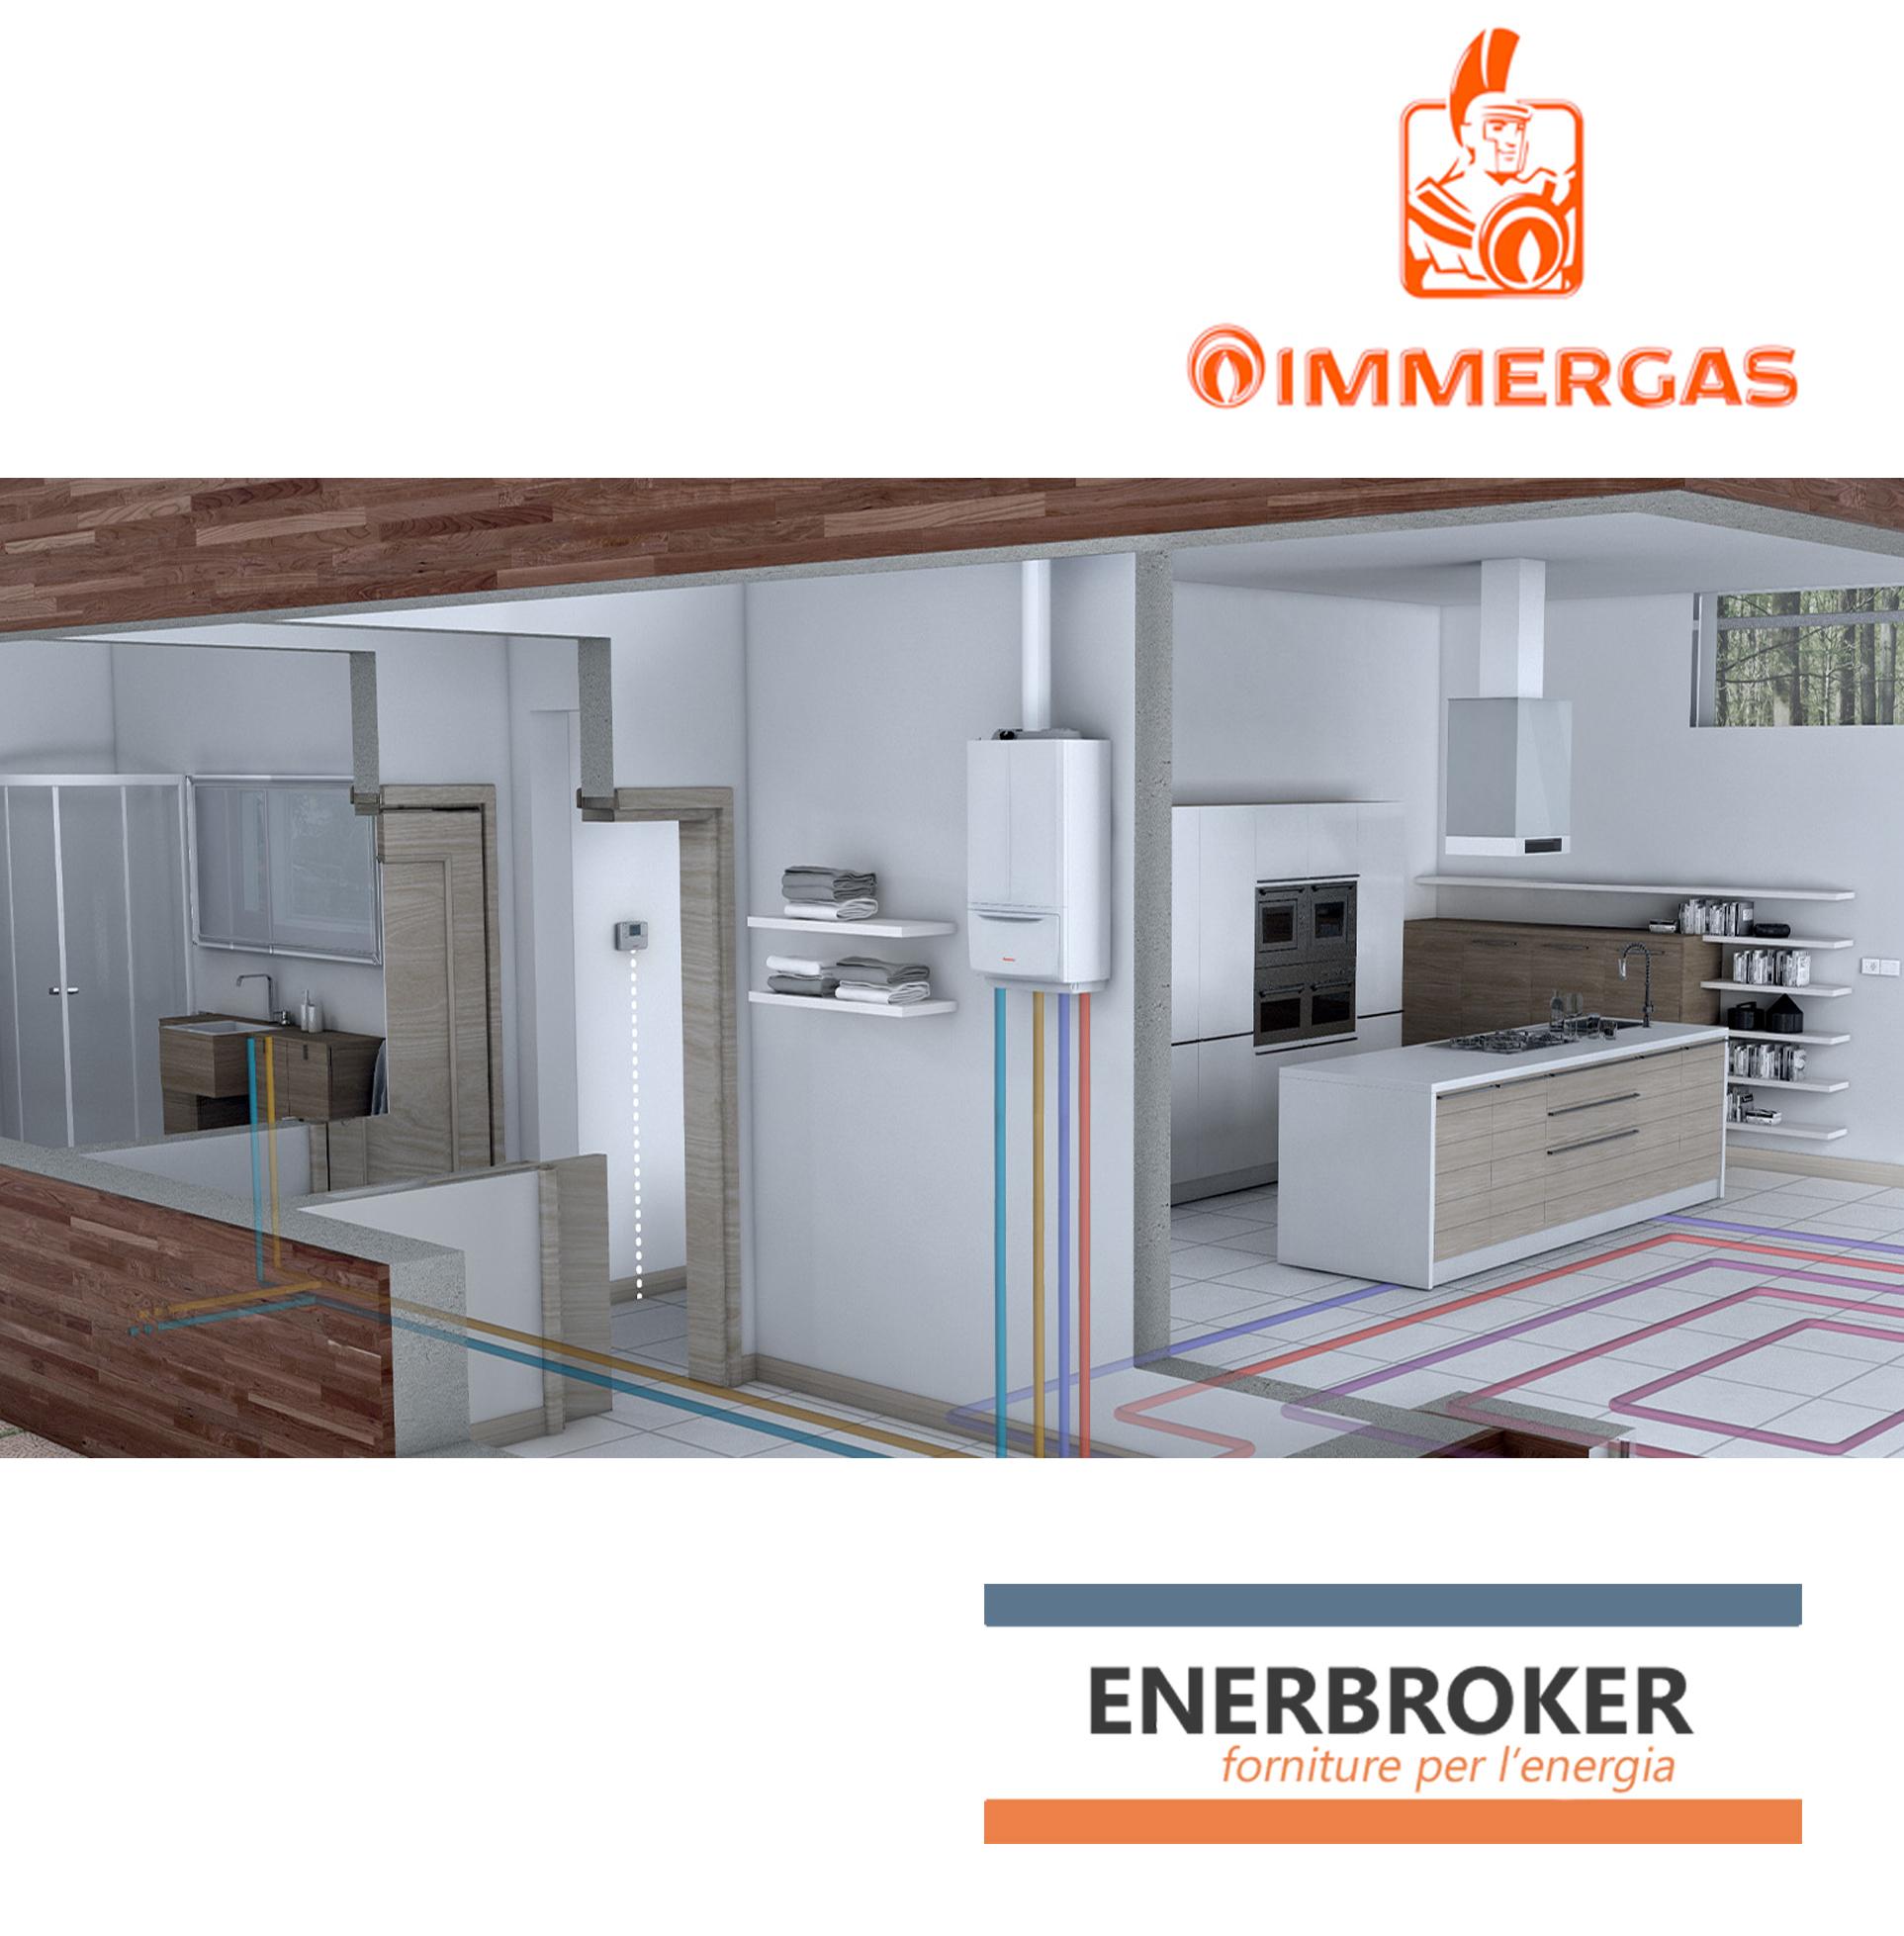 Nuovo accordo commerciale tra EnerBroker e Immergas